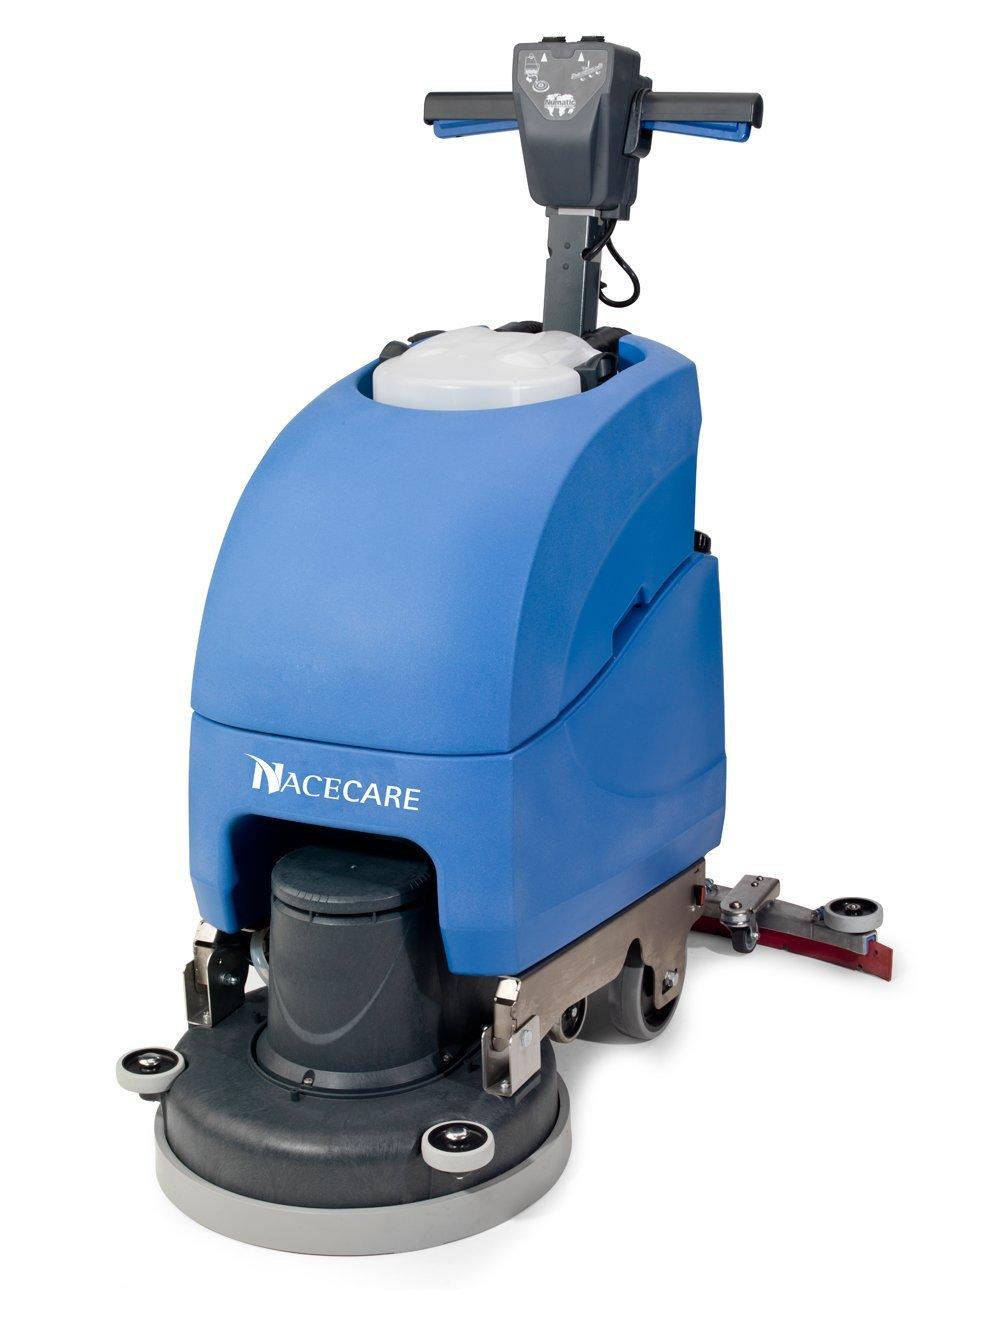 NaceCare TT 1120 Electric Scrubber